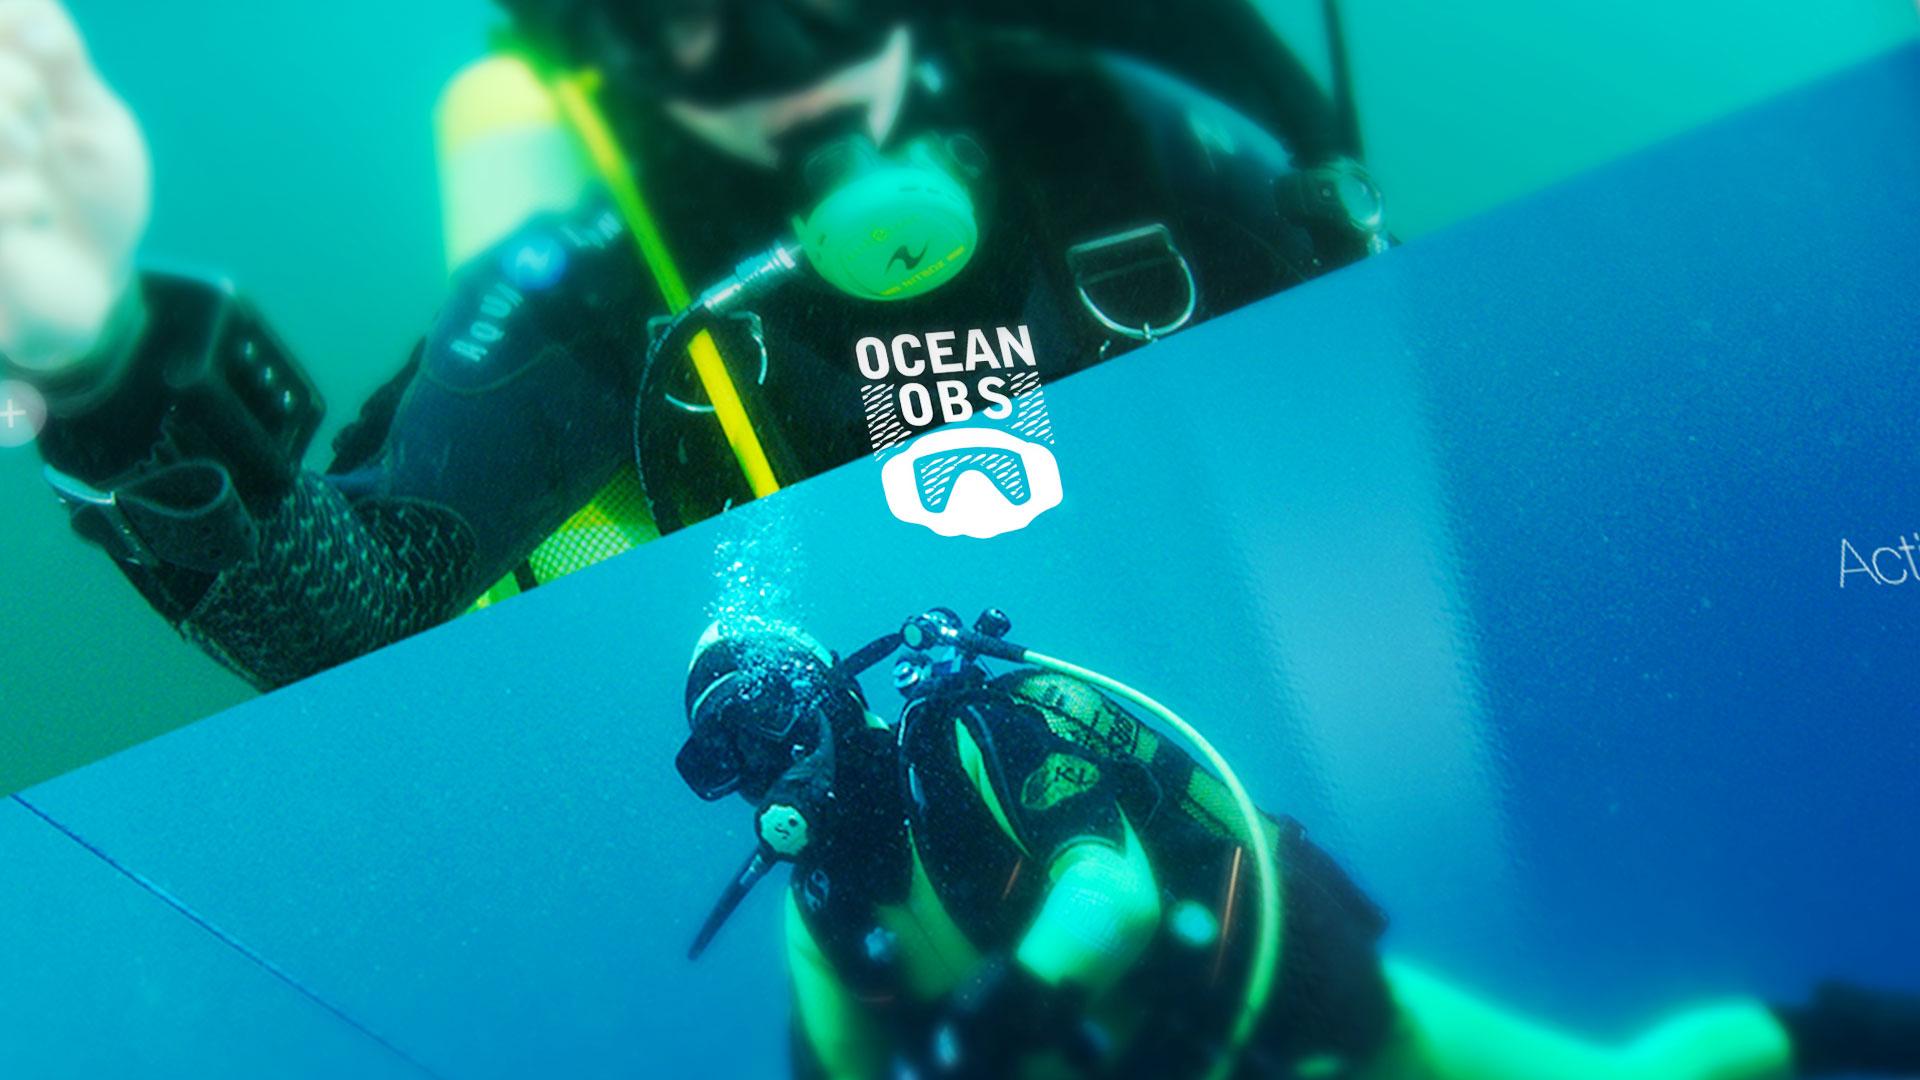 Ocean'Obs